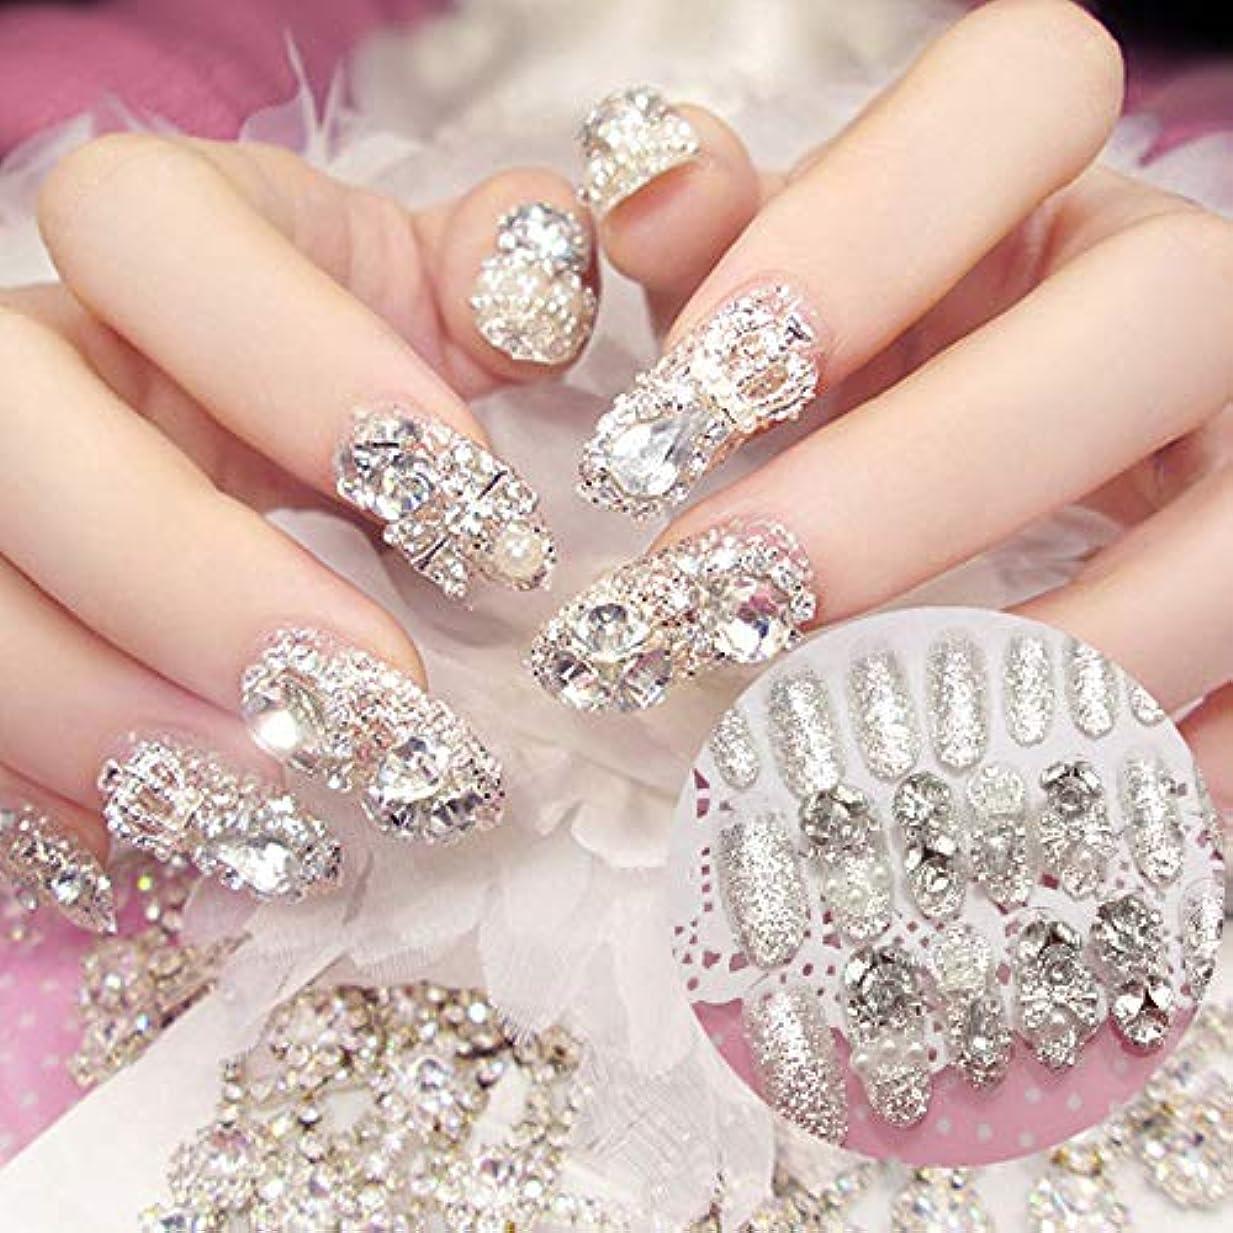 質素な時刻表作詞家XUTXZKA 24本の輝くラインストーンの結婚式の偽の爪透明グリッタースクエアフルショートフェイクネイル花嫁